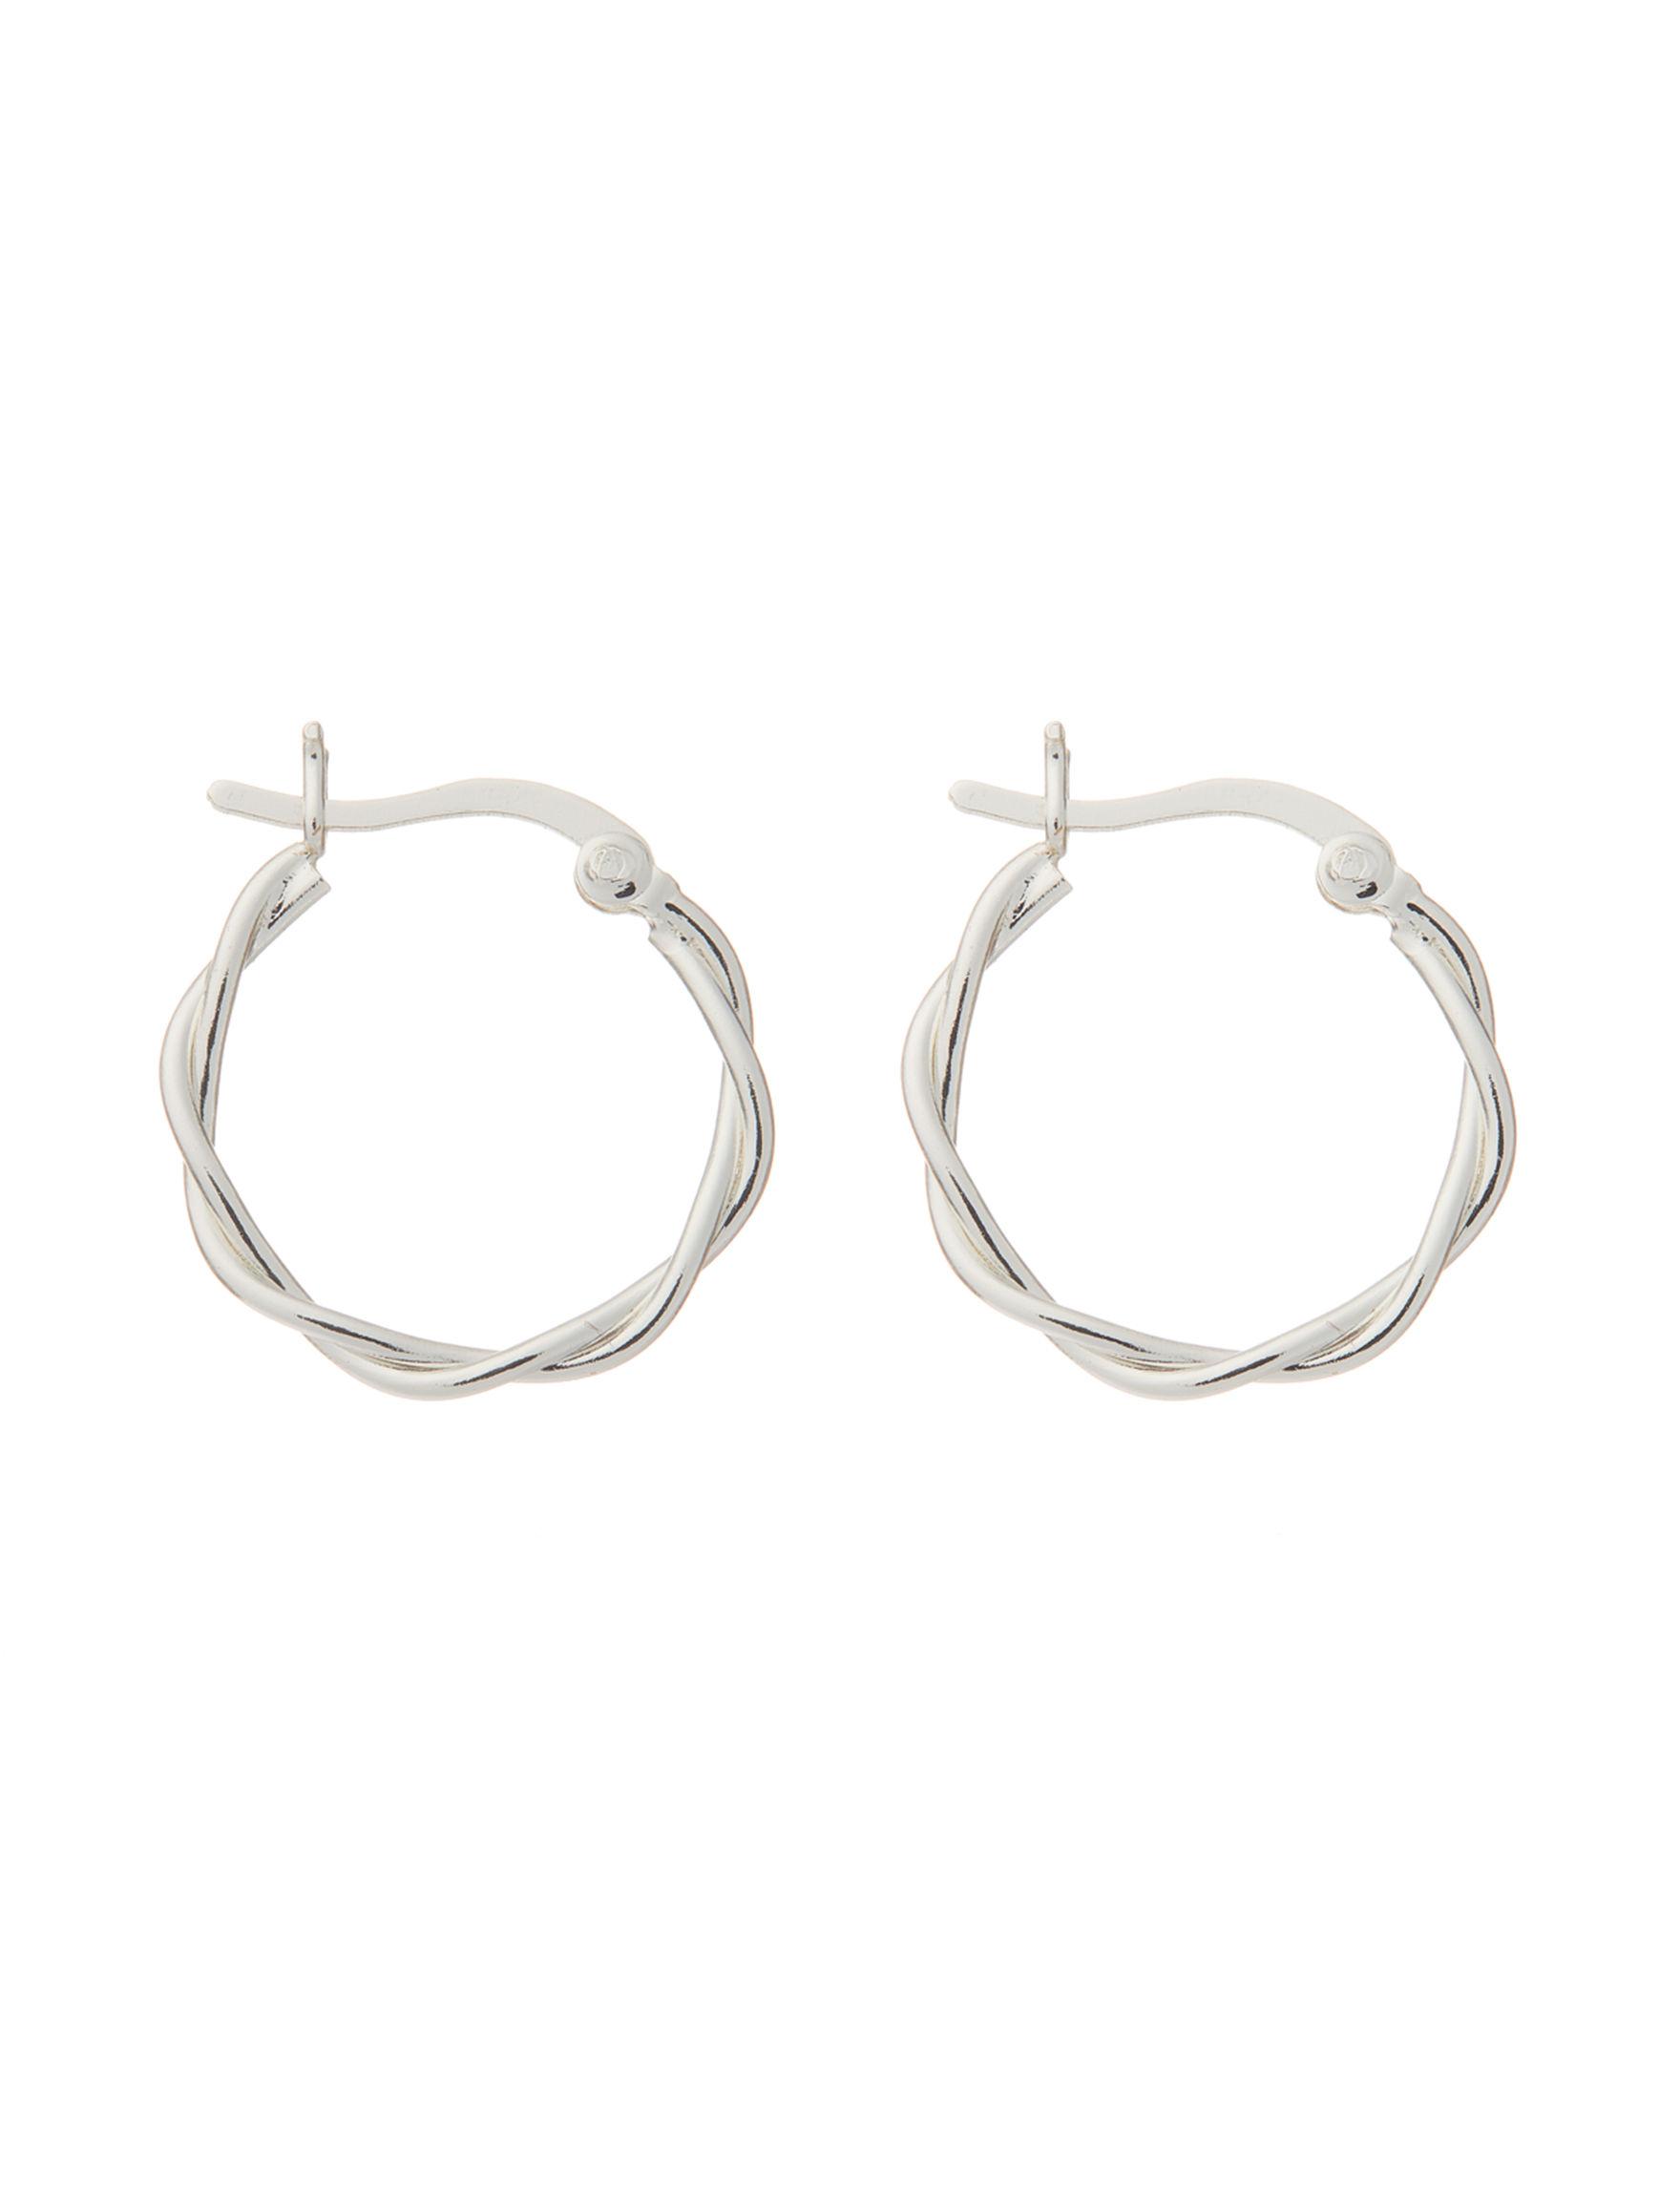 Danecraft Sterling Silver Earrings Fine Jewelry